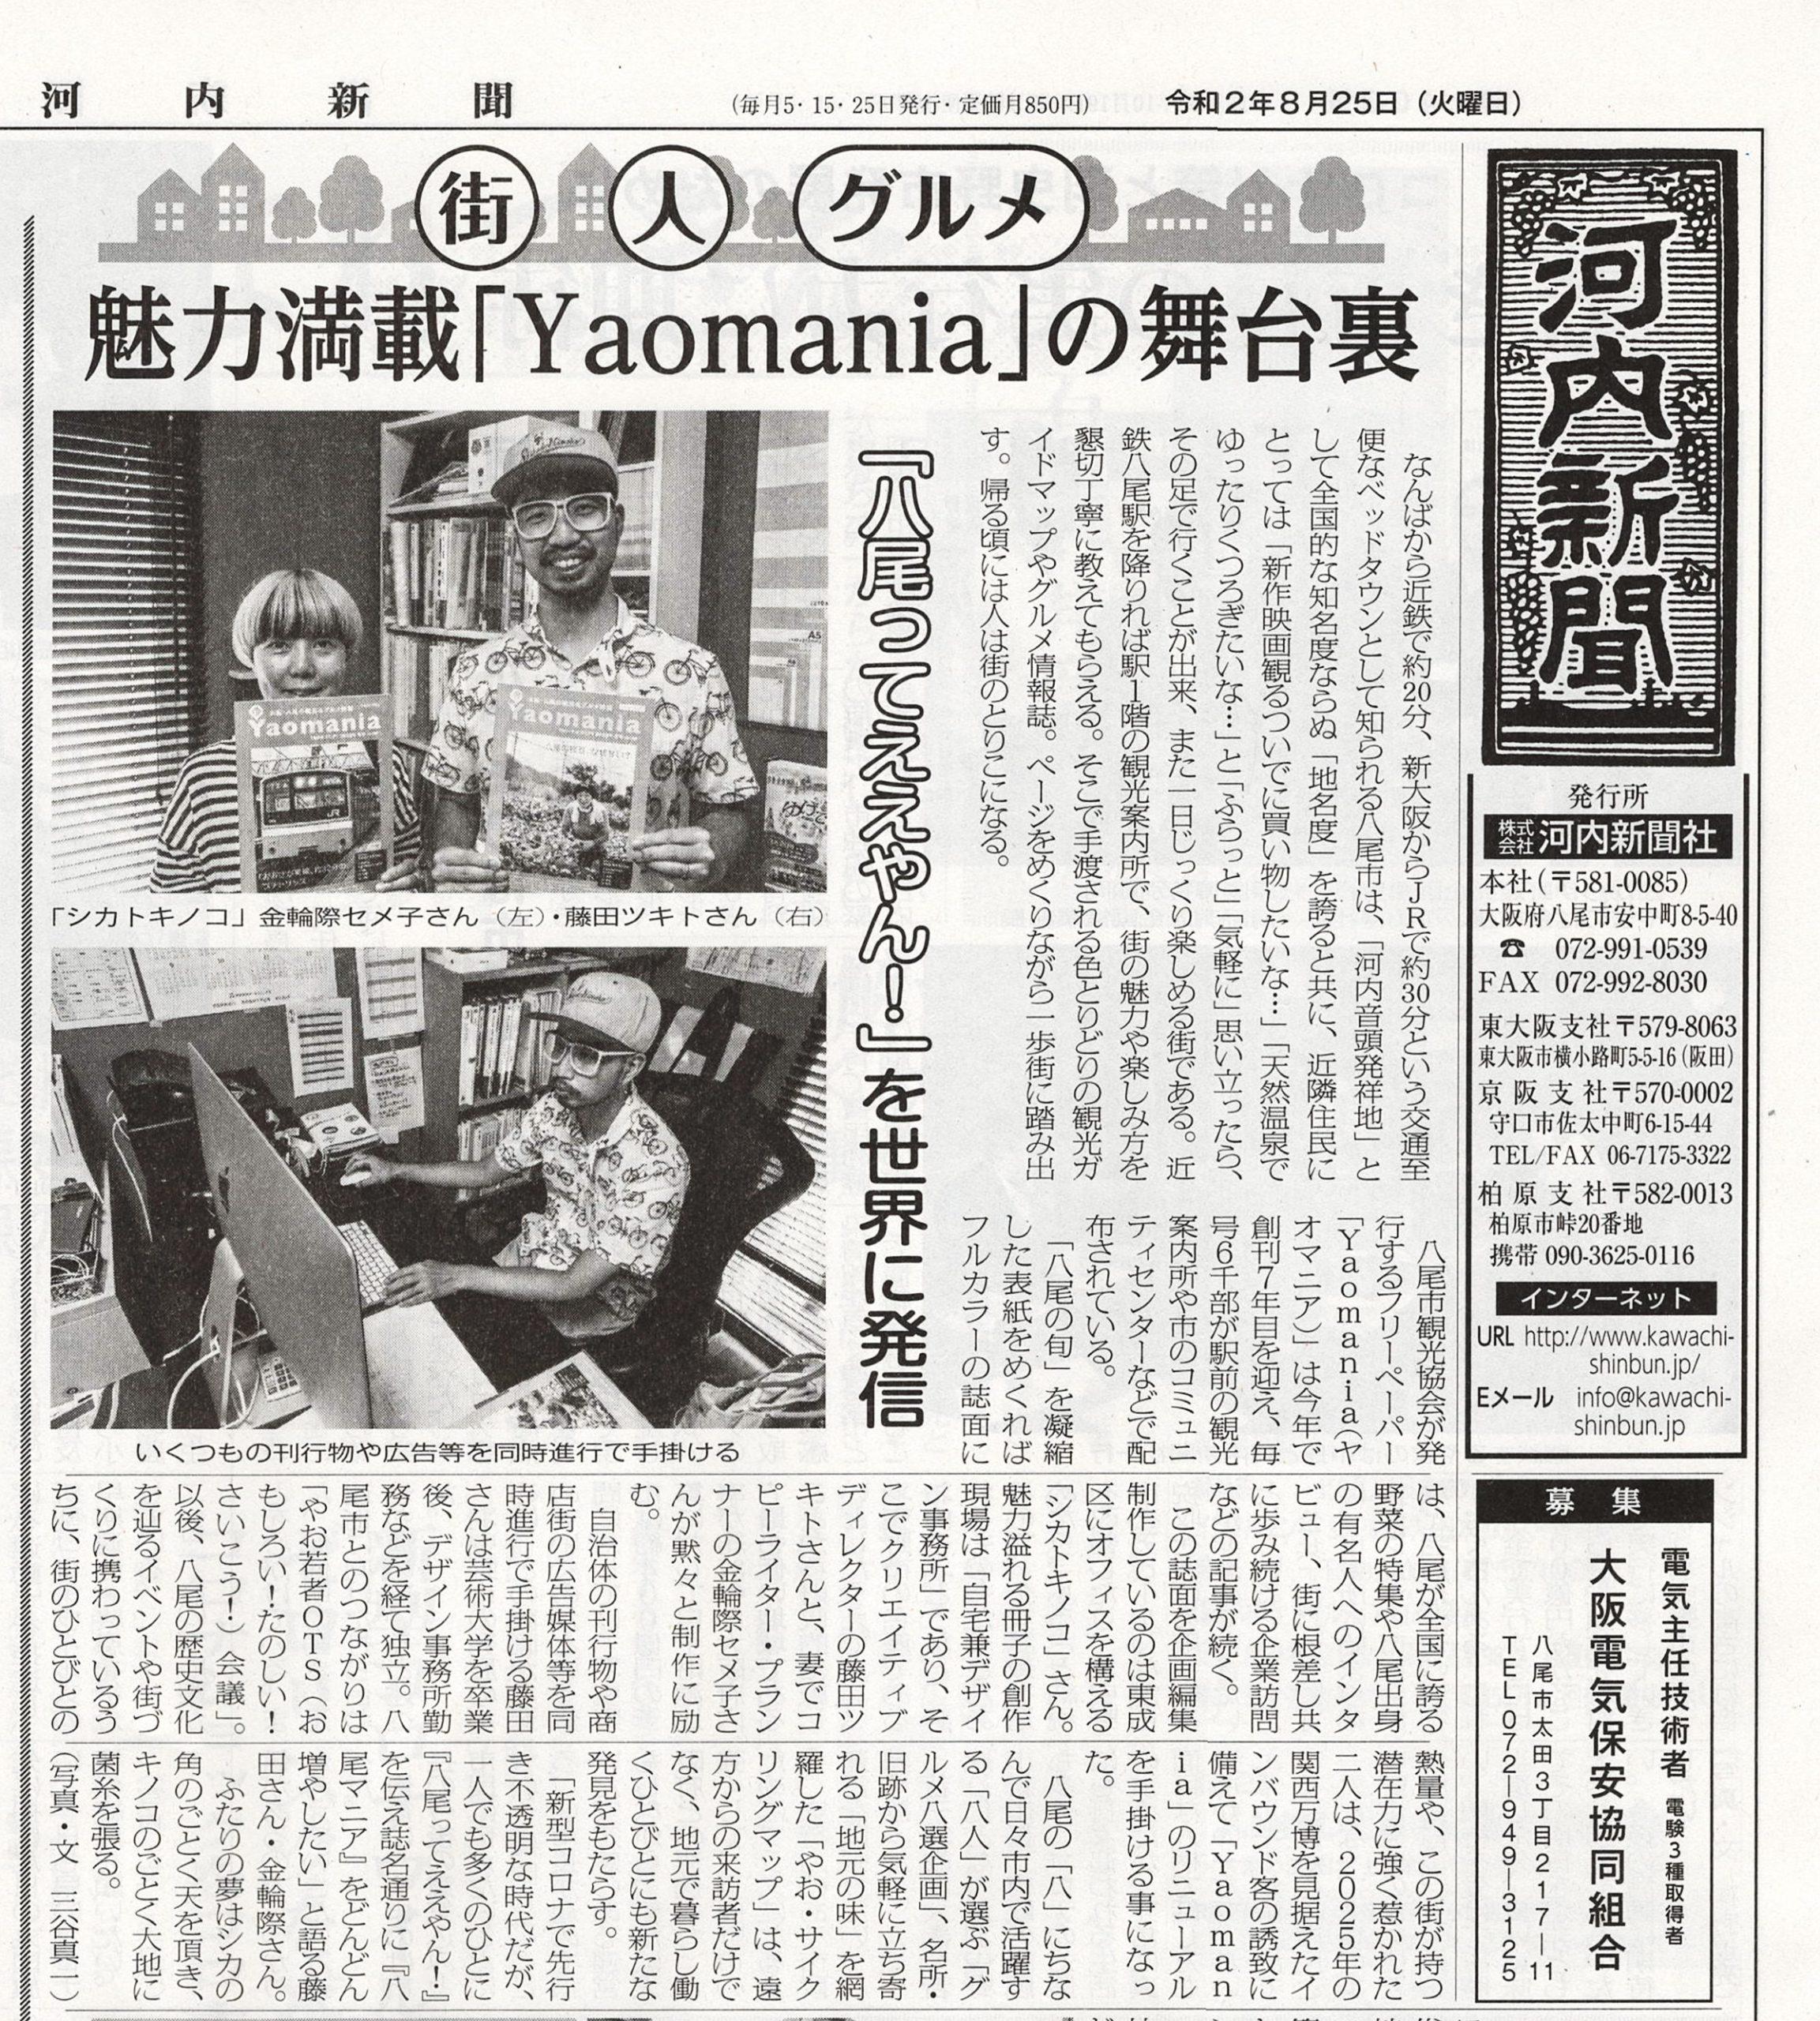 河内新聞に掲載されました|2020.8.25 Yaomaniaの舞台裏(大阪府八尾市)